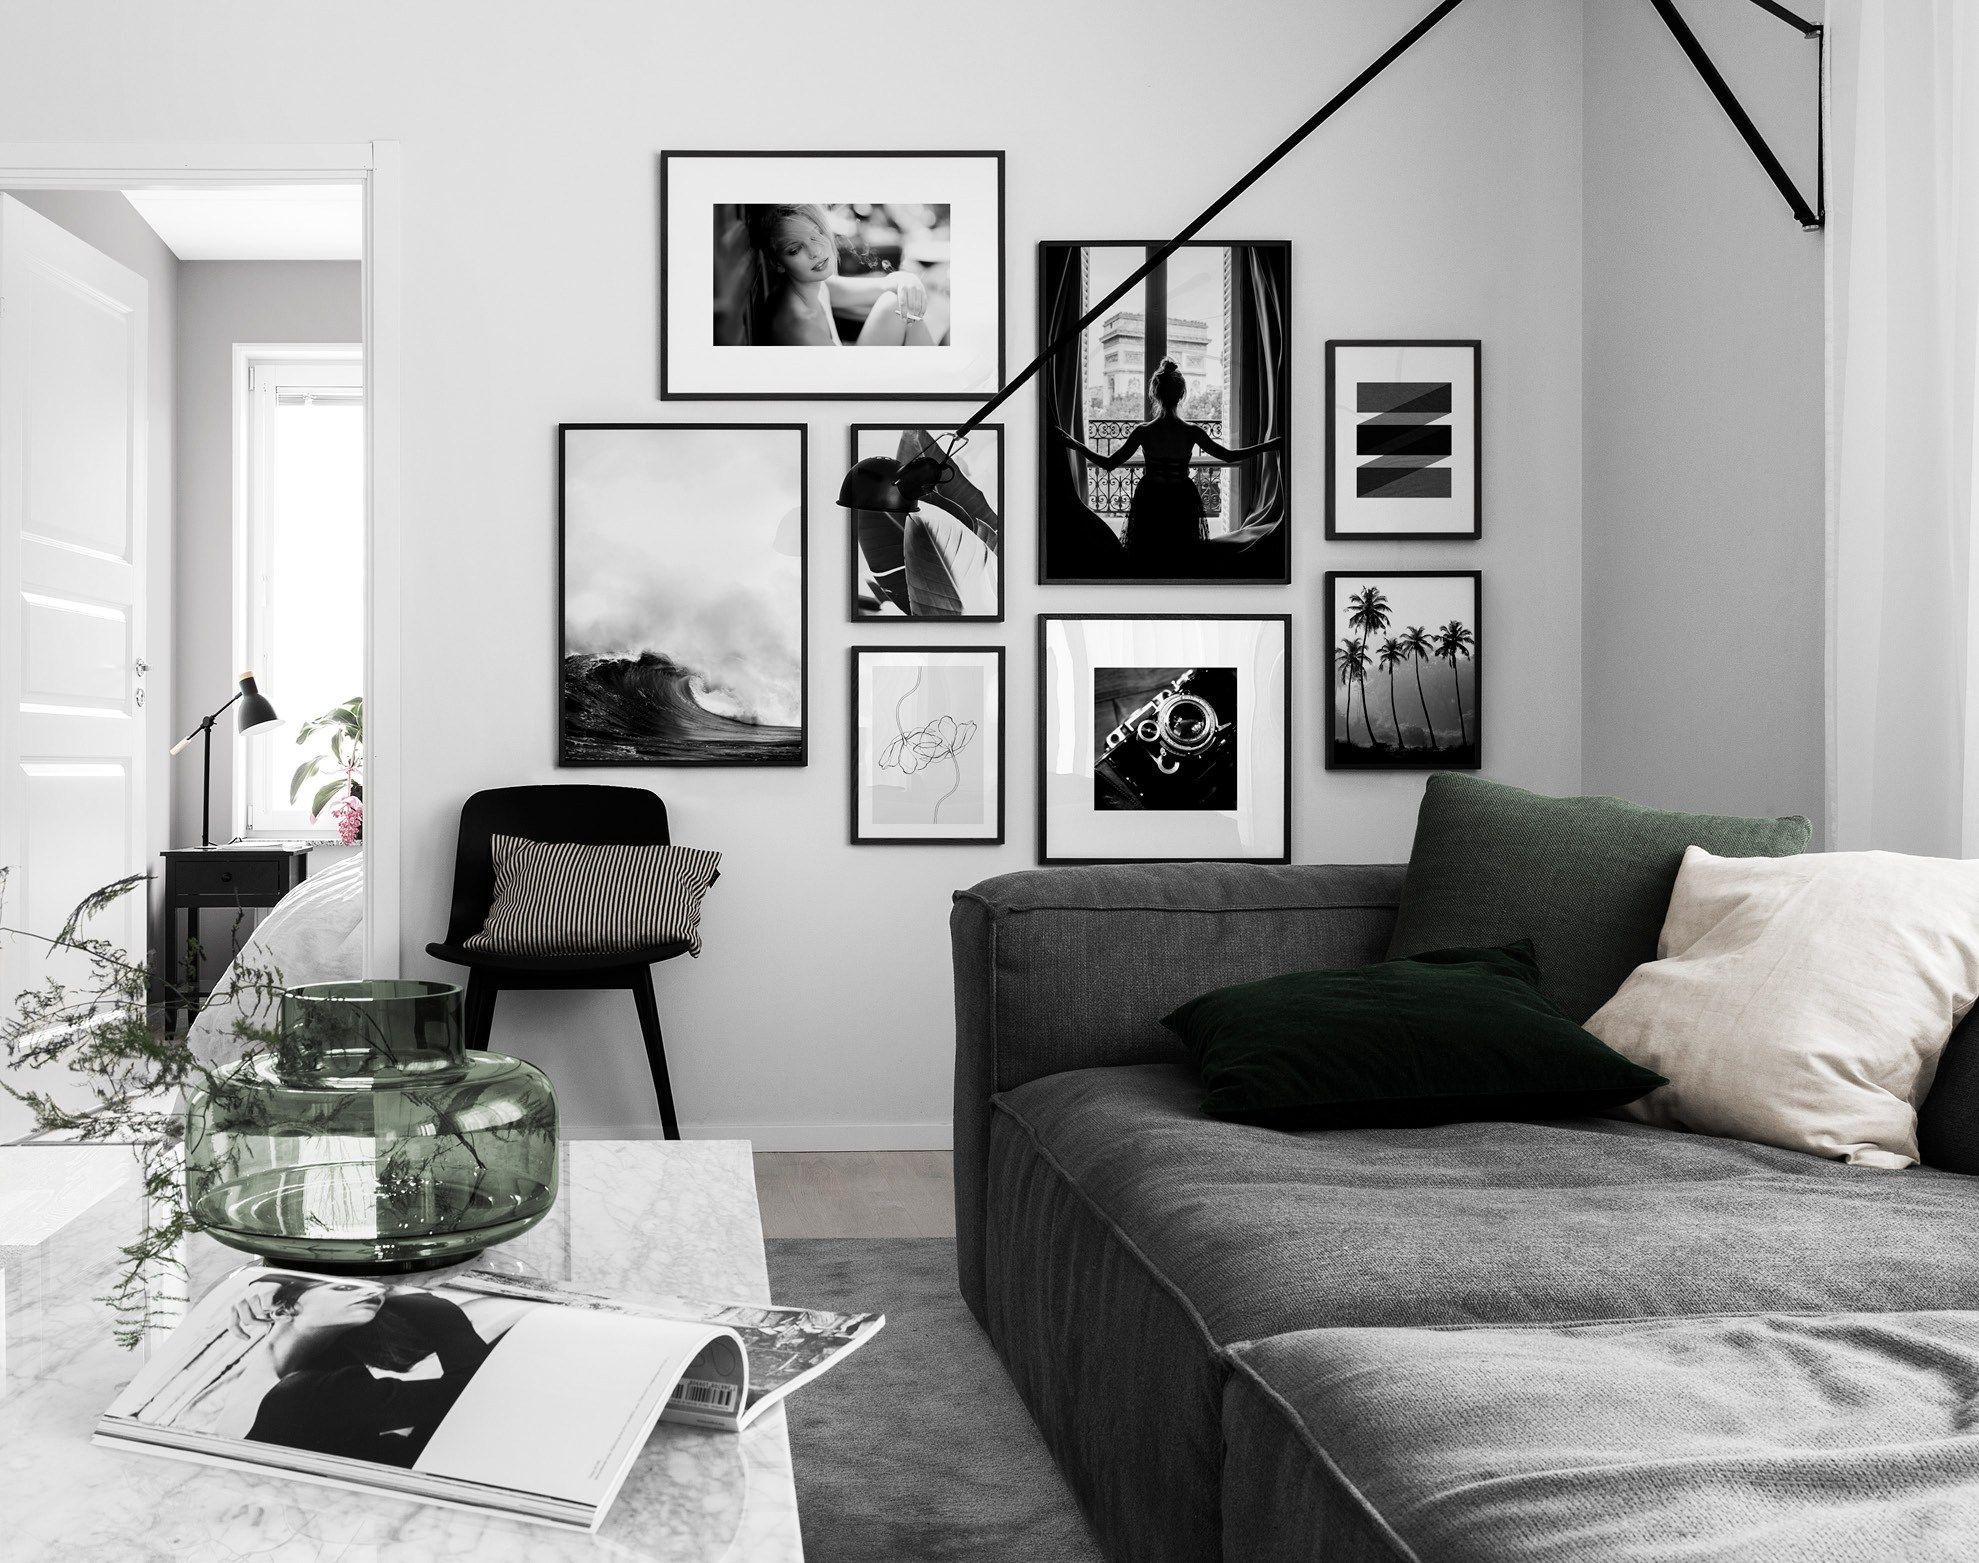 Home design bilder karte inspiraatiota tauluseiniin ja taulusommitelmiin  colorized art in